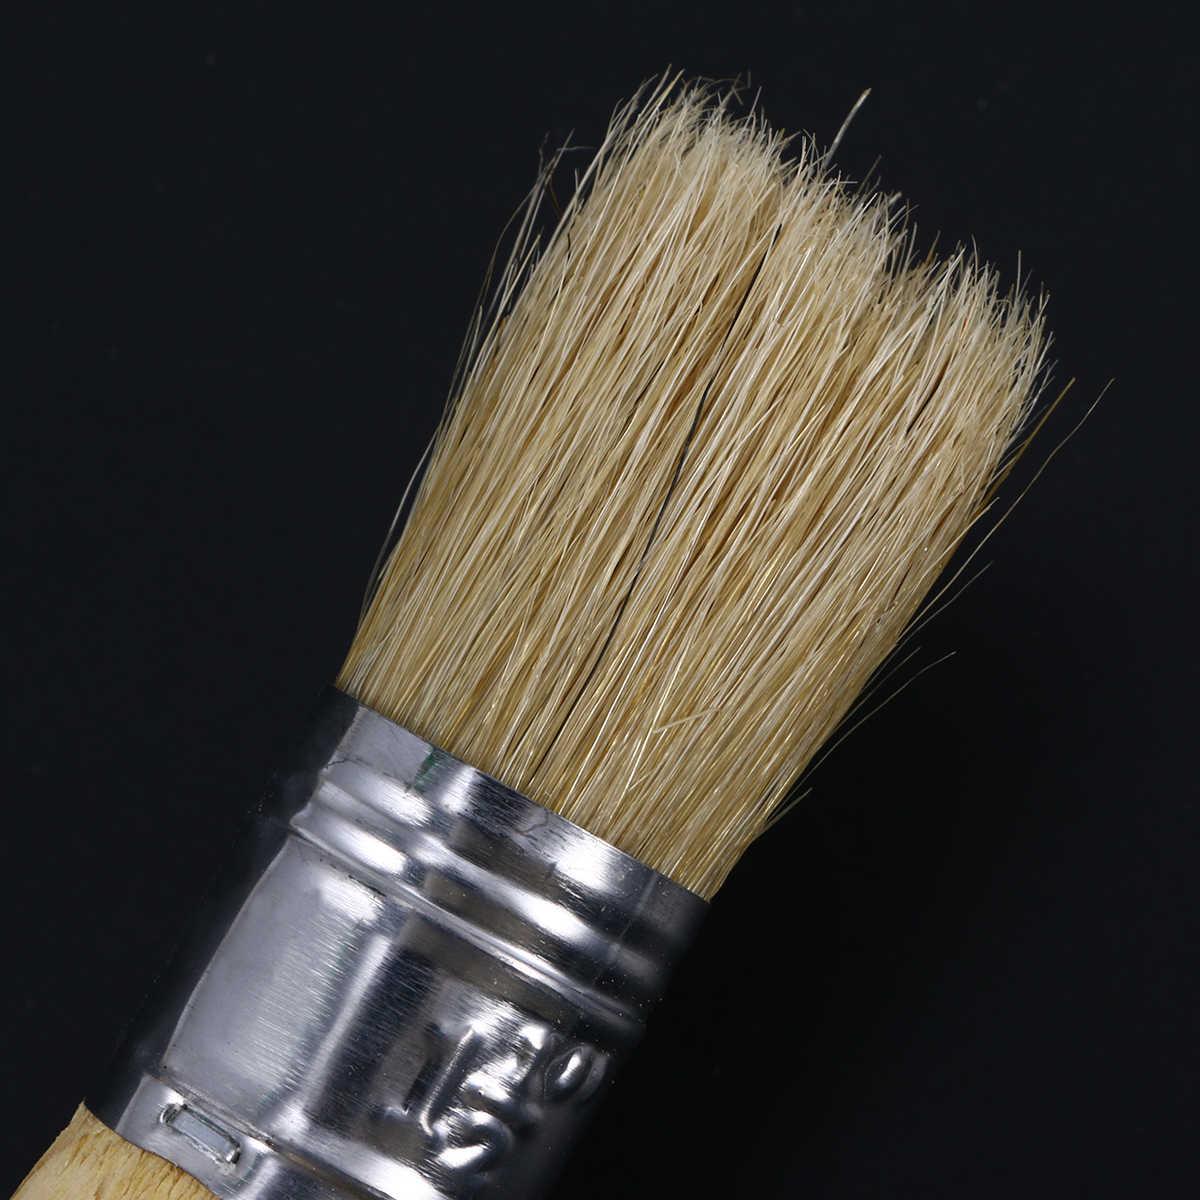 25mm pintura de cera pincel pintura encerado claro cepillo de cera suave para muebles plantillas Folkart decoración del hogar brochas grandes de madera